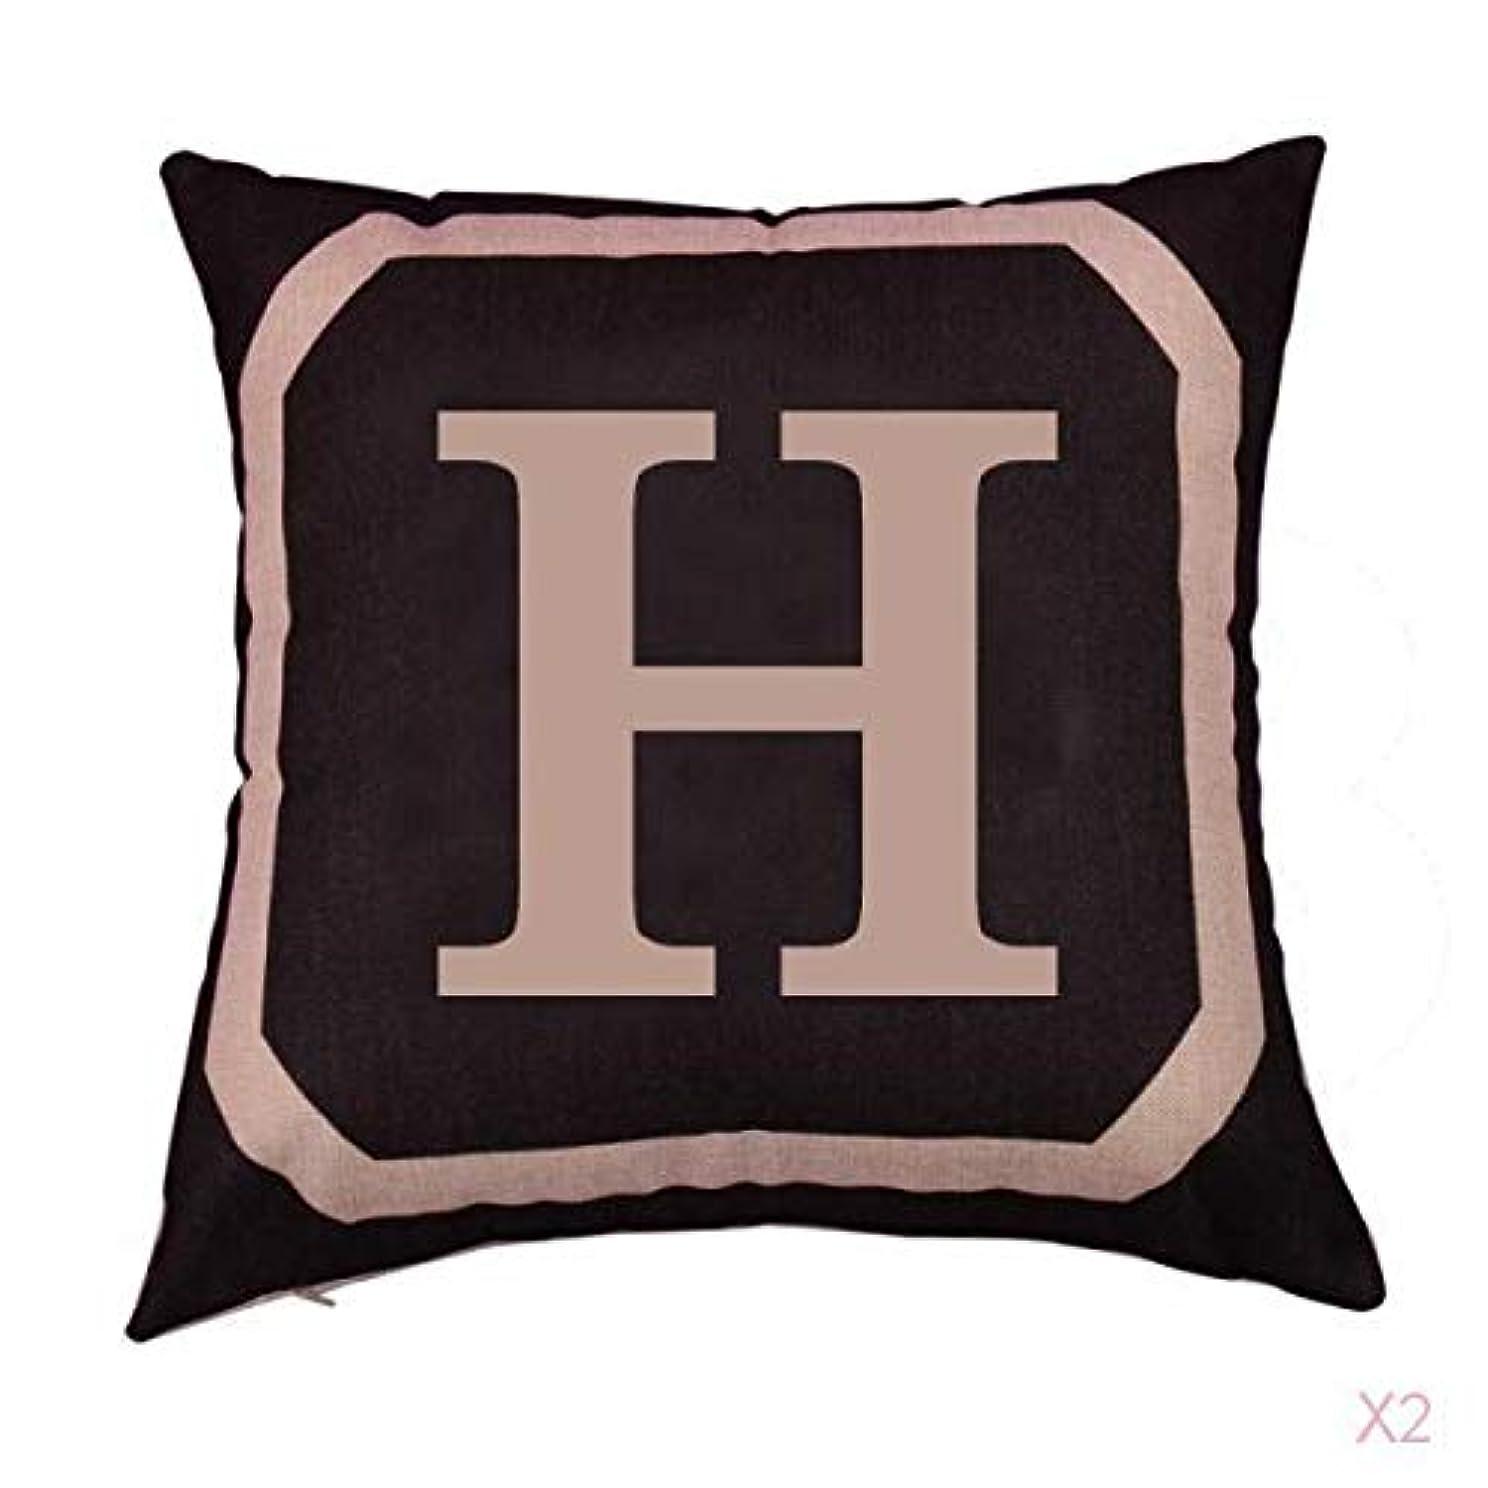 シャー決めます安らぎ正方形の綿のリネンスローピローケース腰クッションカバーベッドソファ装飾さh